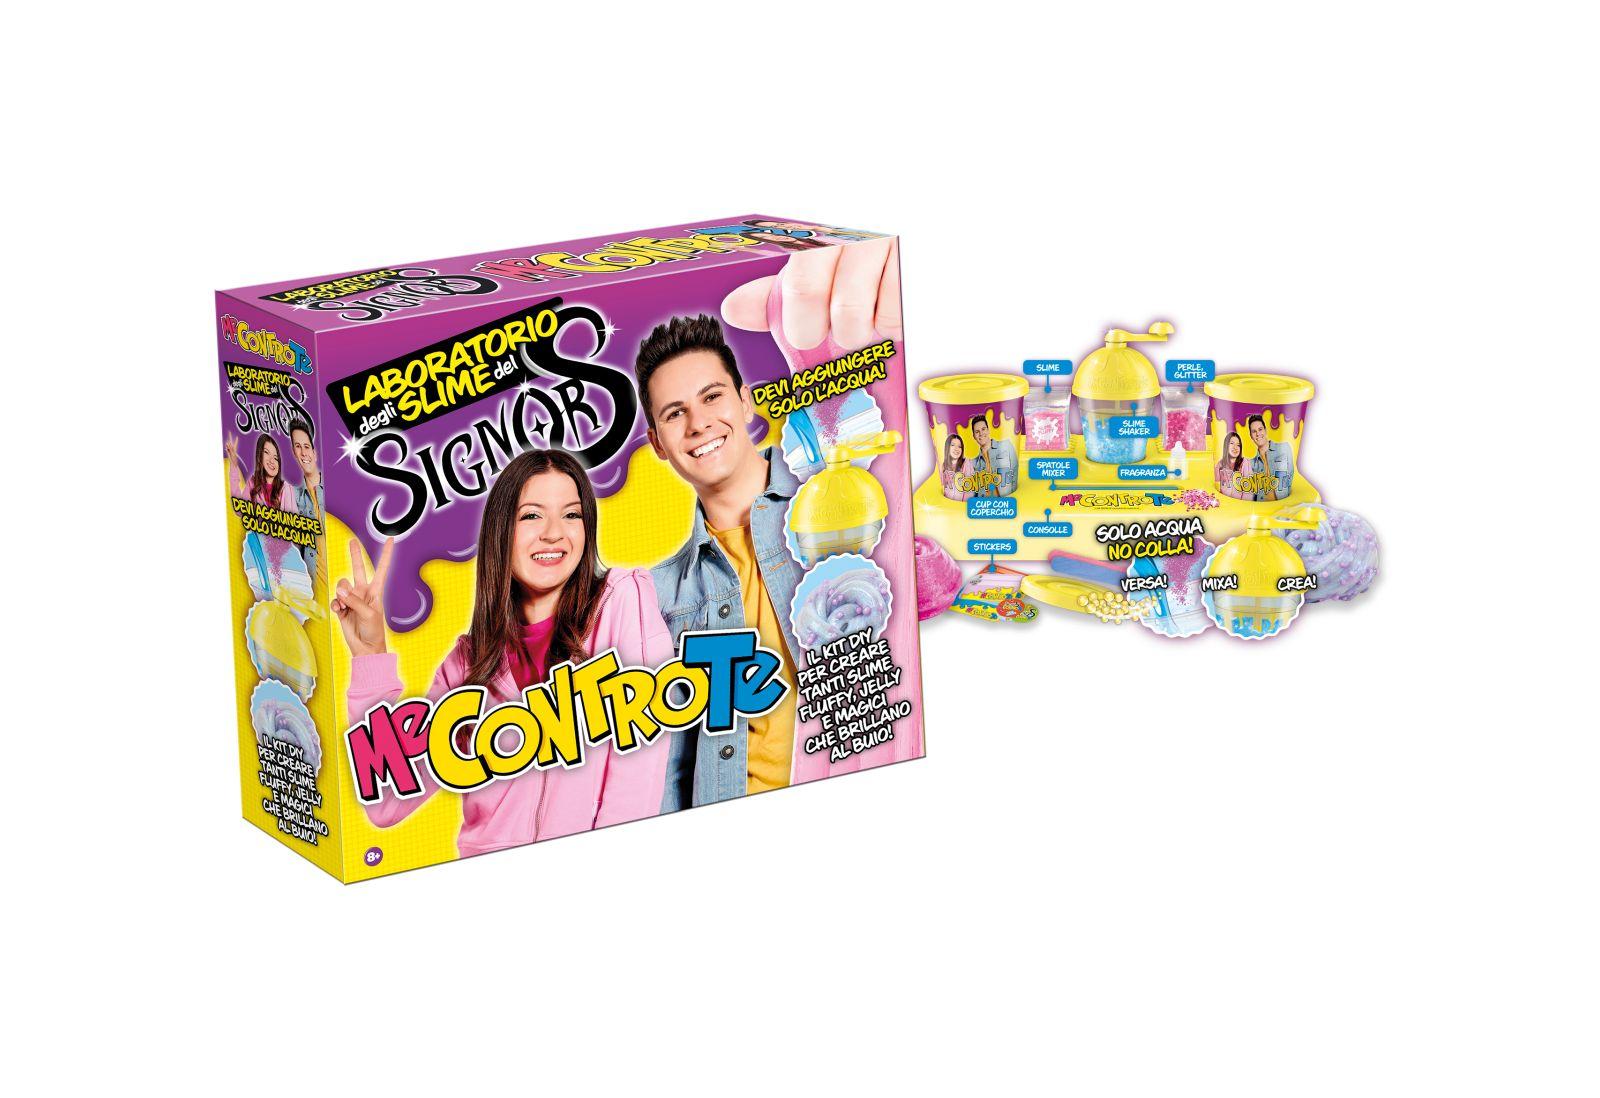 ME CONTRO TE - LABORATORIO DEGLI SLIME DEL SIGNOR S - Toys Center